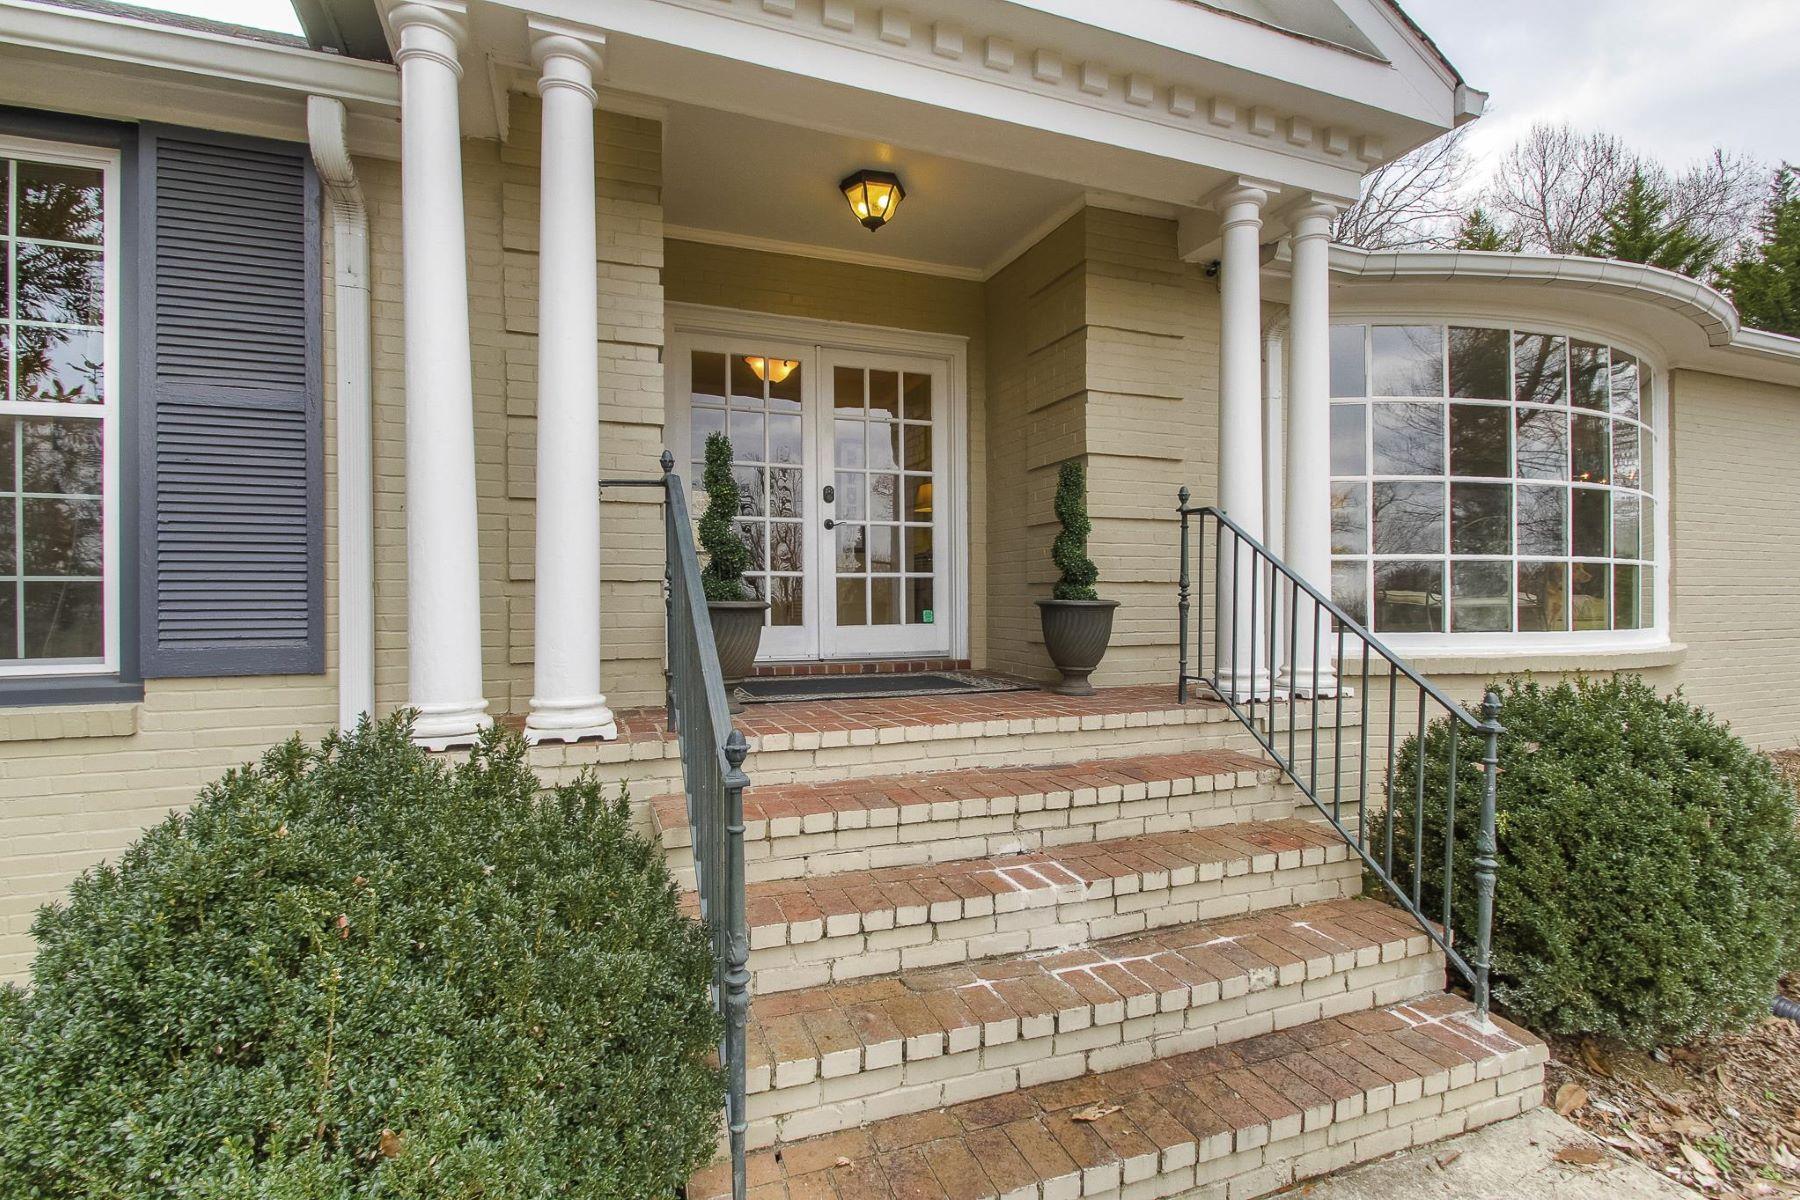 Casa Unifamiliar por un Venta en Charming Ranch Home 113 Groome Drive Nashville, Tennessee, 37205 Estados Unidos